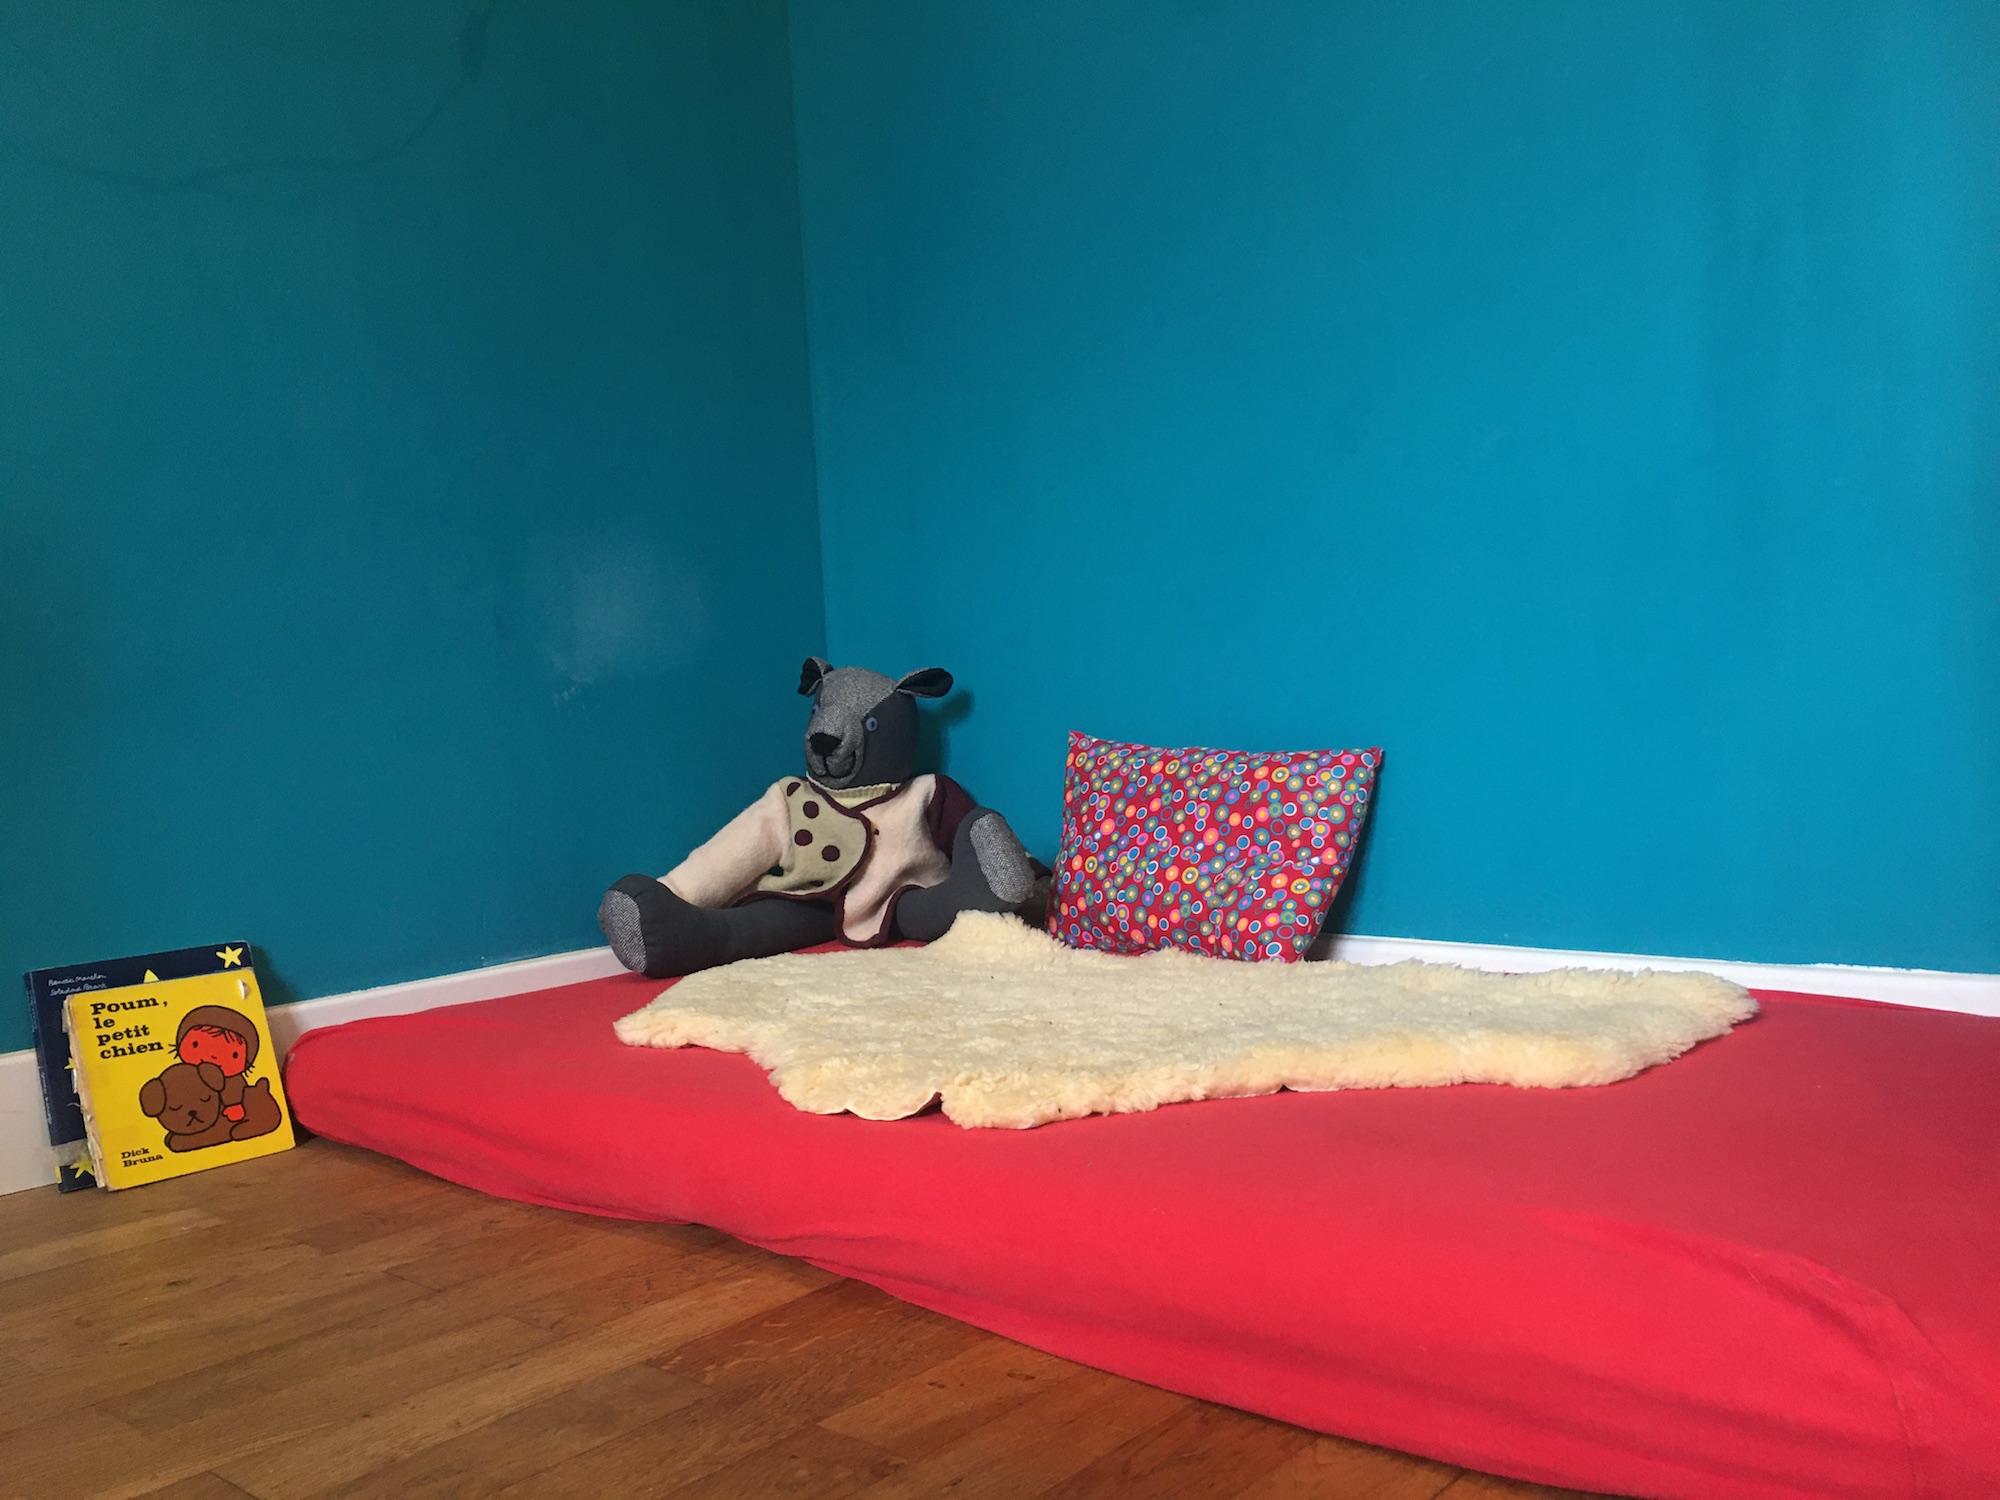 Lit Au Sol Montessori Quel Age montessori à la maison 2/3 : un environnement préparé - l